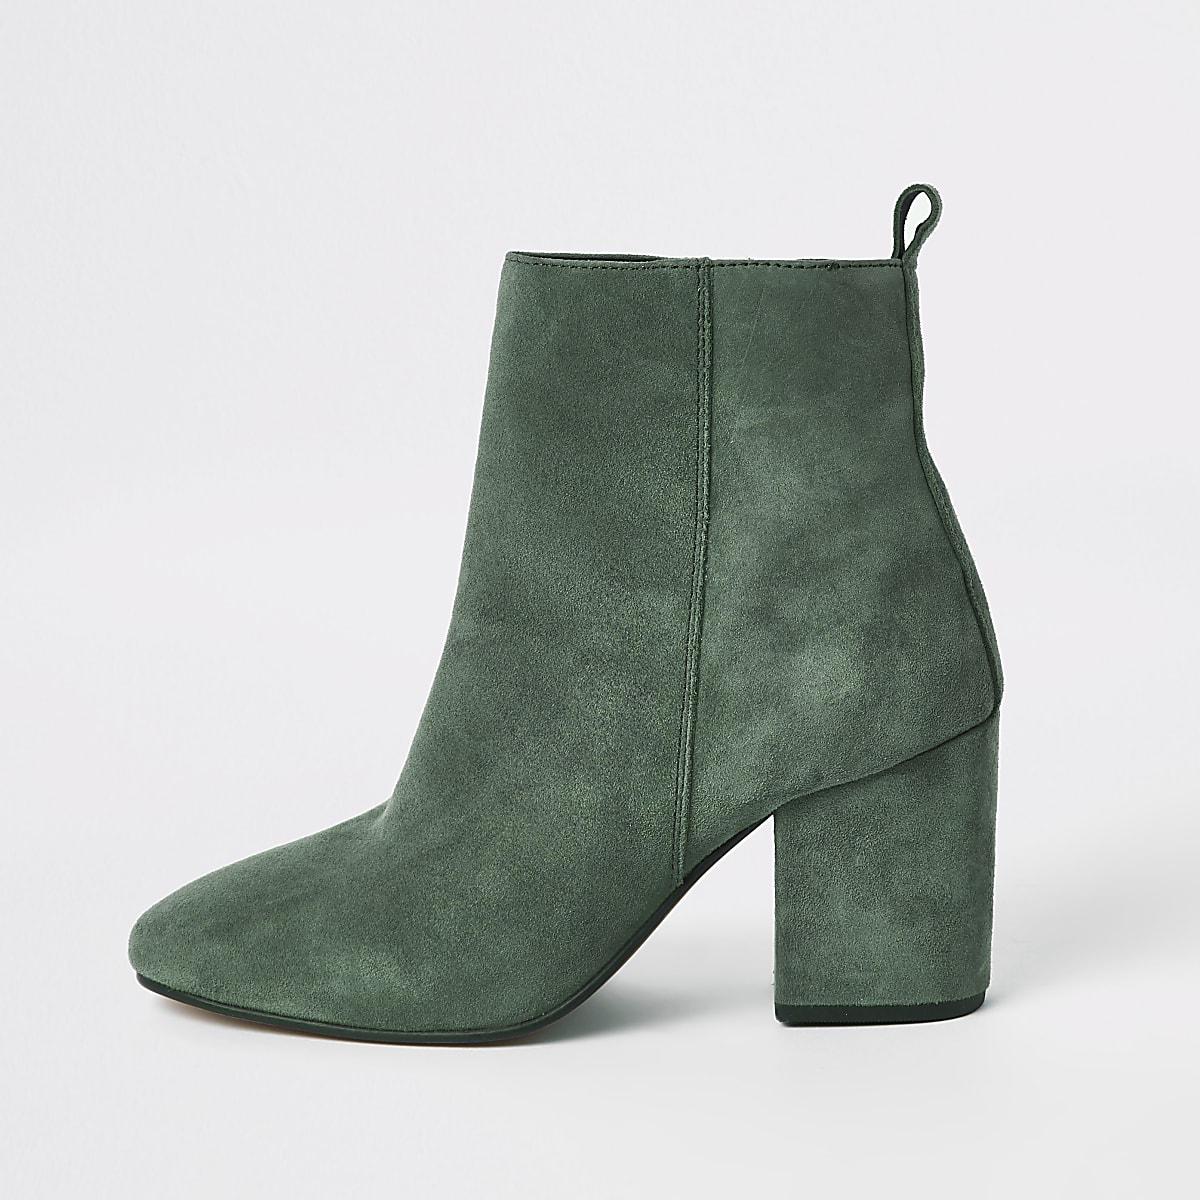 Groene leren laarzen met vierkante neus